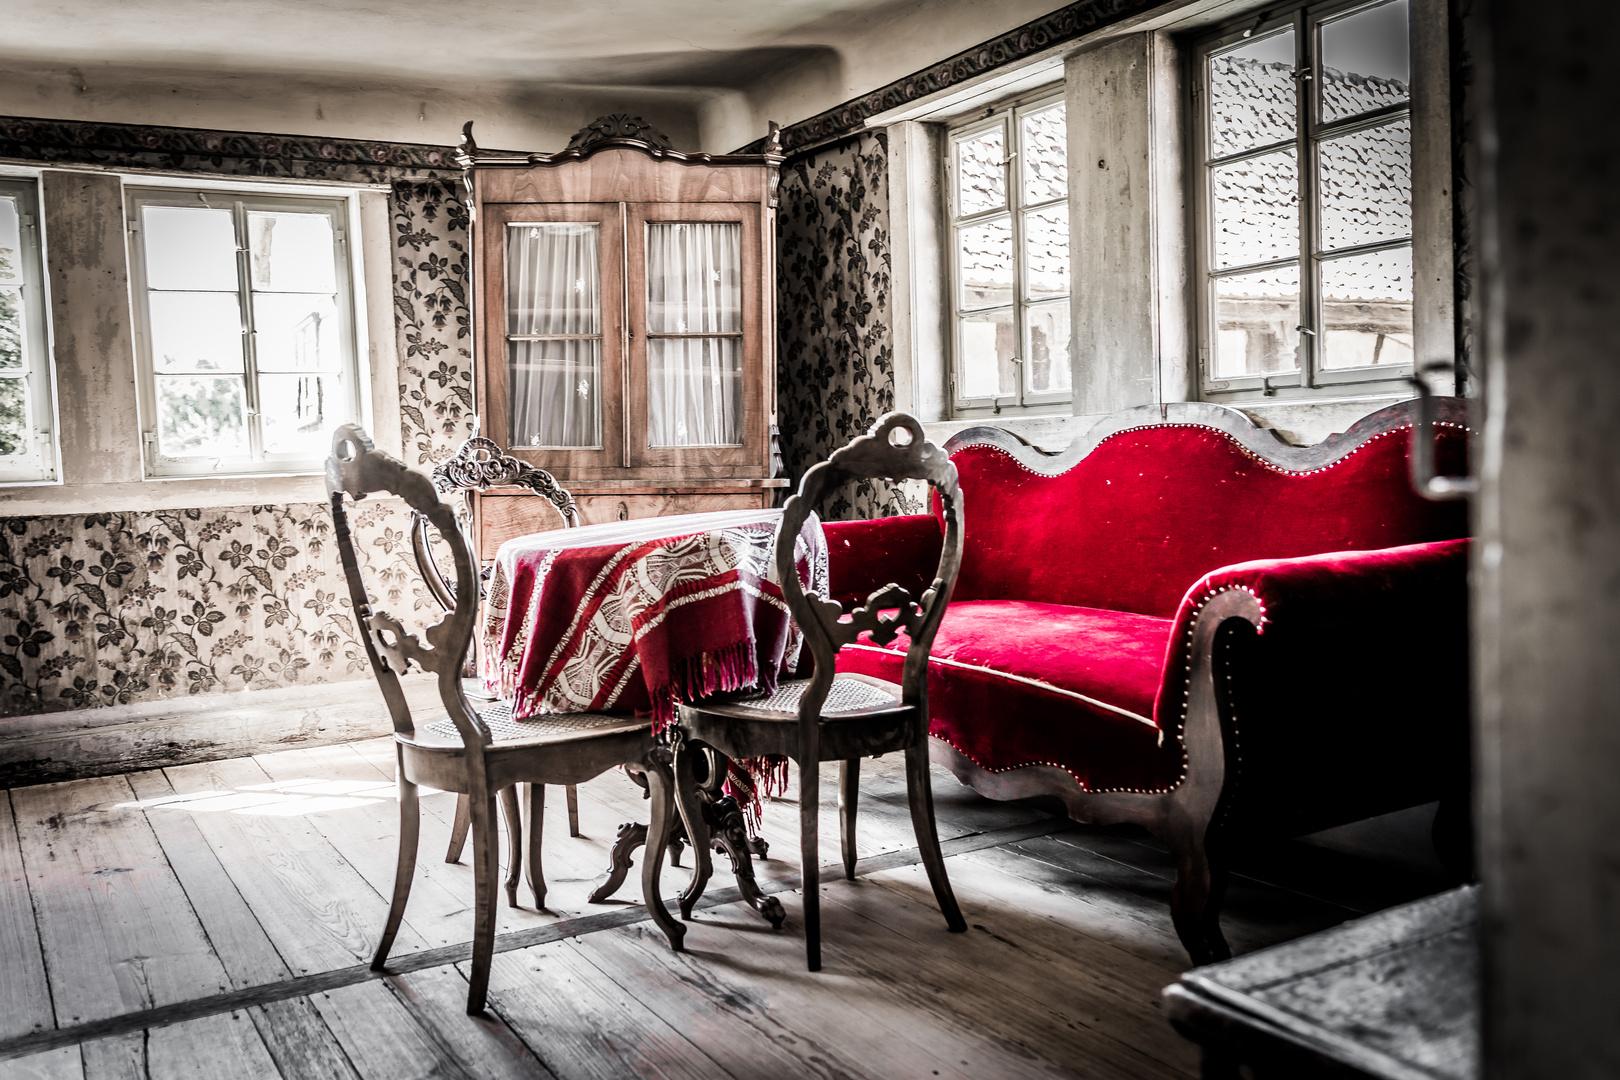 Rotes Sofa Foto Bild Architektur Ländliche Architektur Möbel